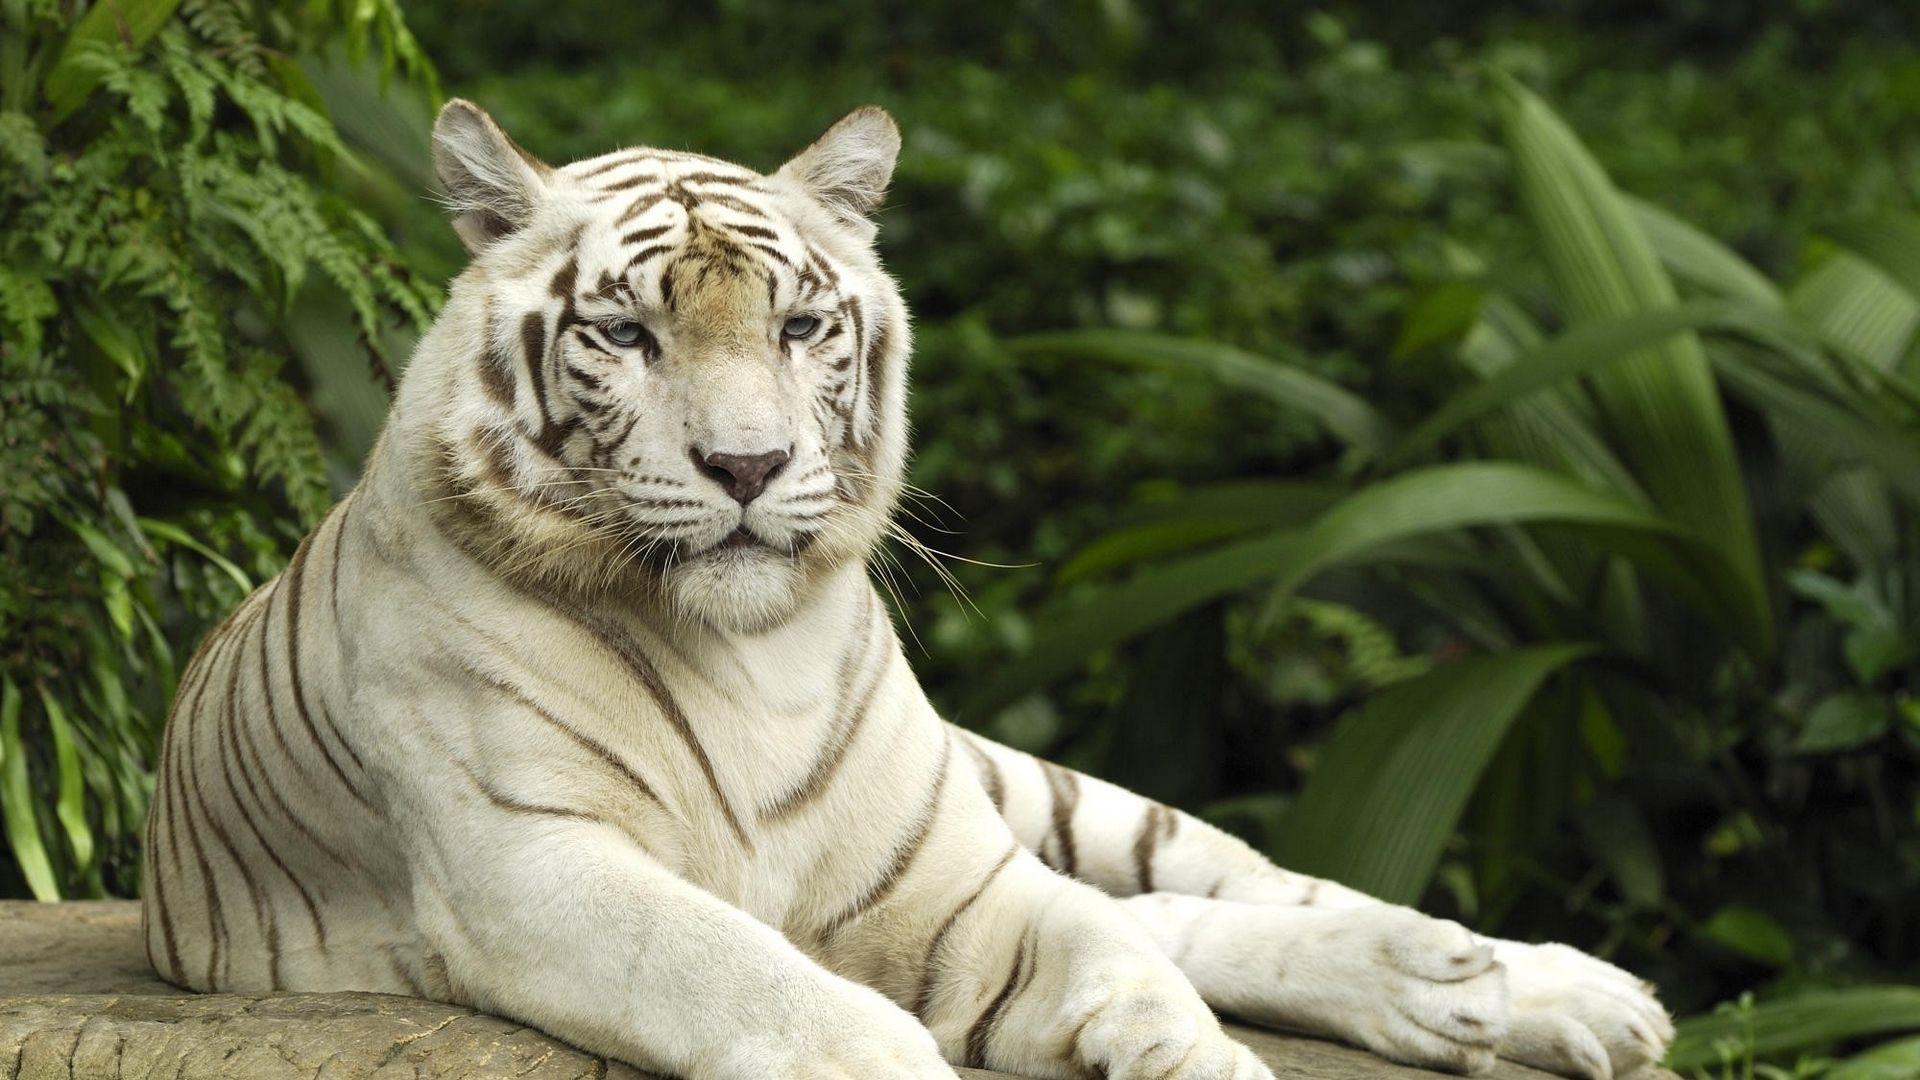 White Tiger, PC Wallpaper HD